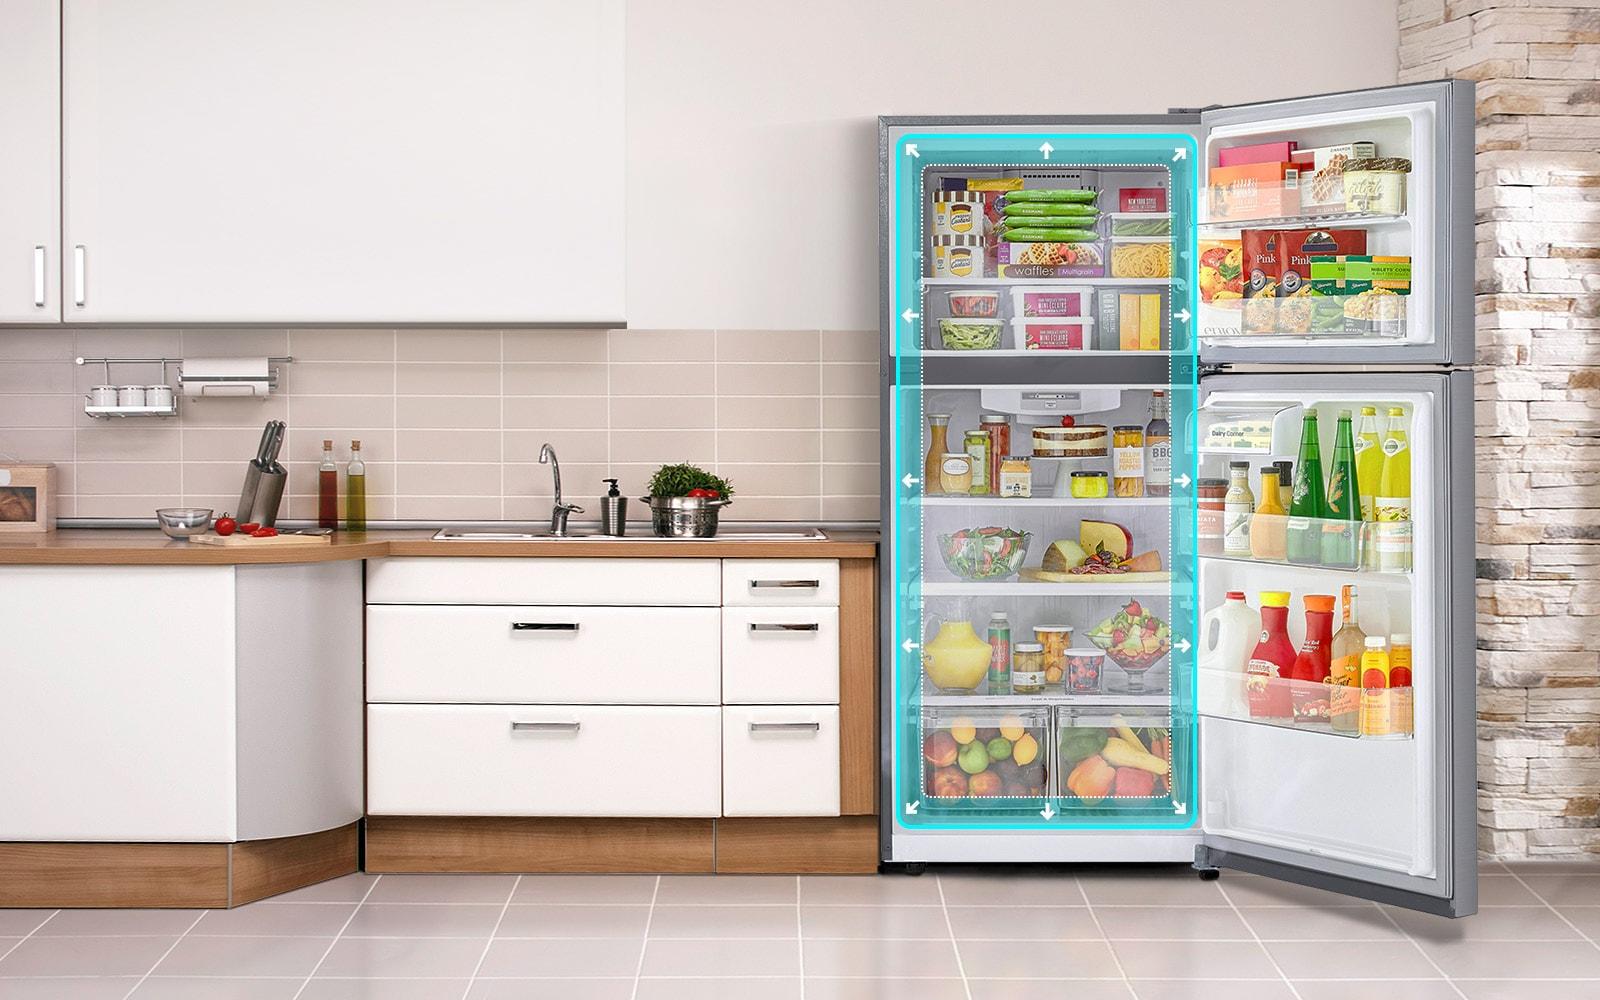 ثلاجة مزودة بفريزر علوي من إل جي تظهر في مطبخ مفتوح الأبواب. يتسع مربع التظليل الأزرق في وسط الثلاجة لحجم الثلاجة لإظهار أن بها مساحة أكبر.